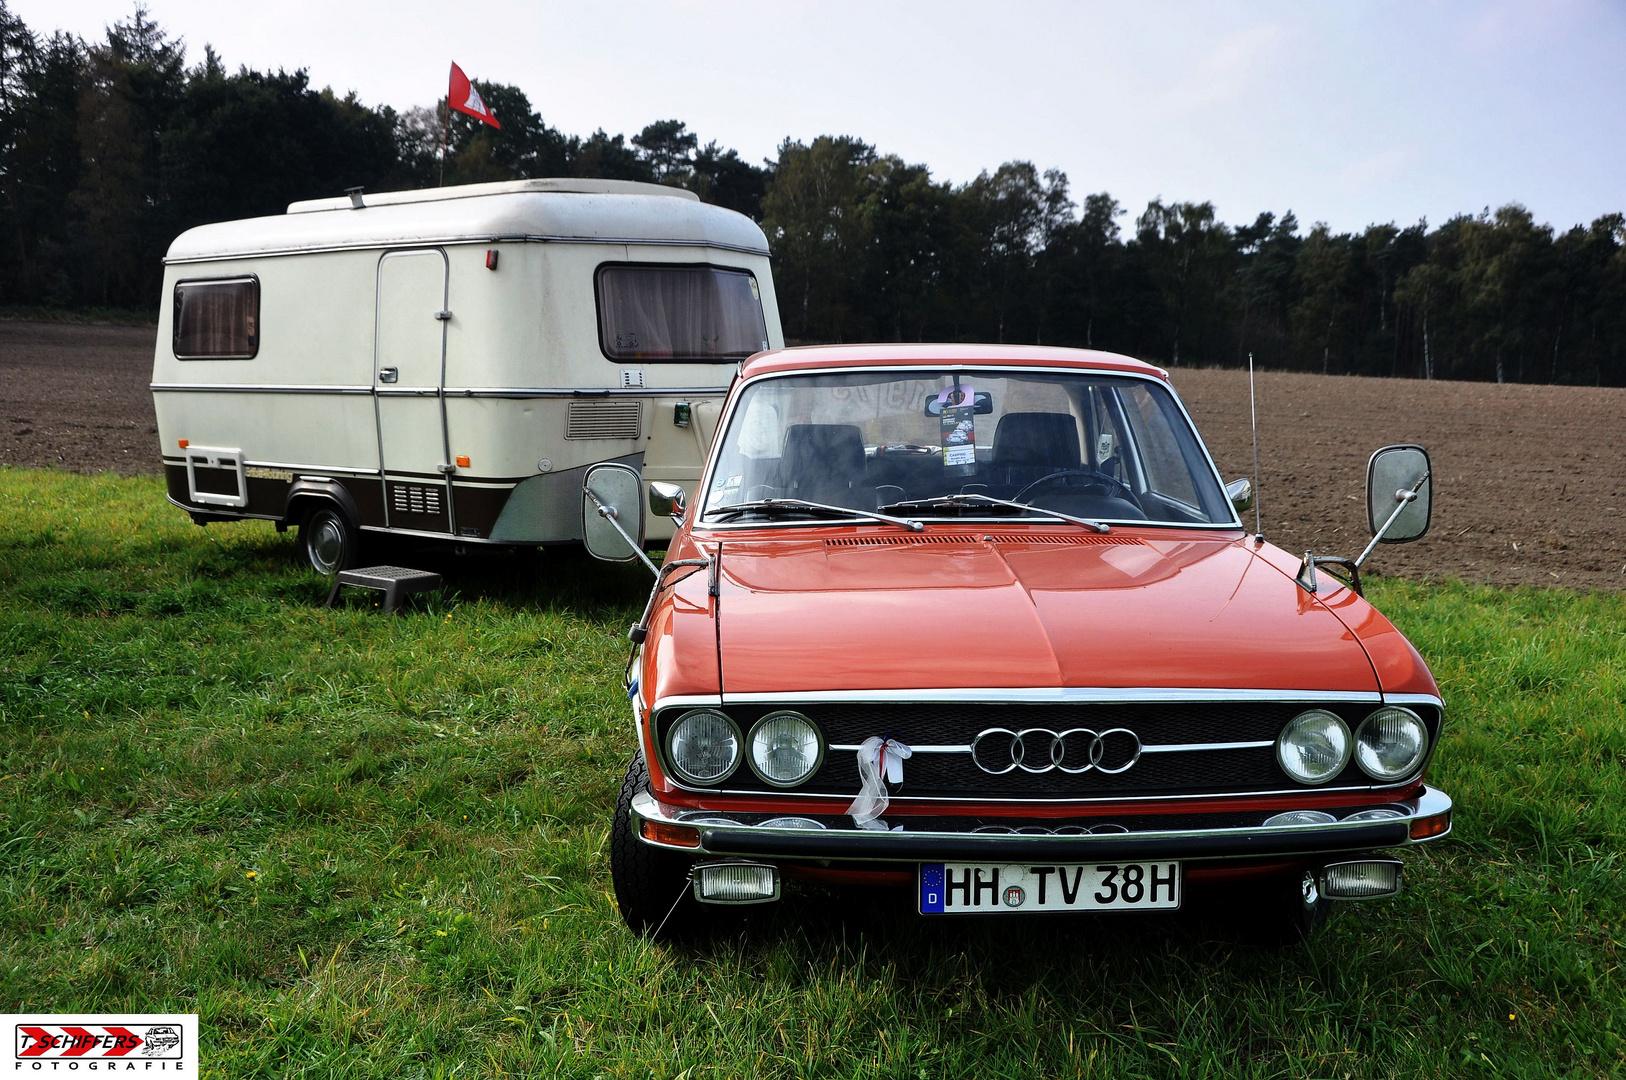 Audi-Camping-Gespann